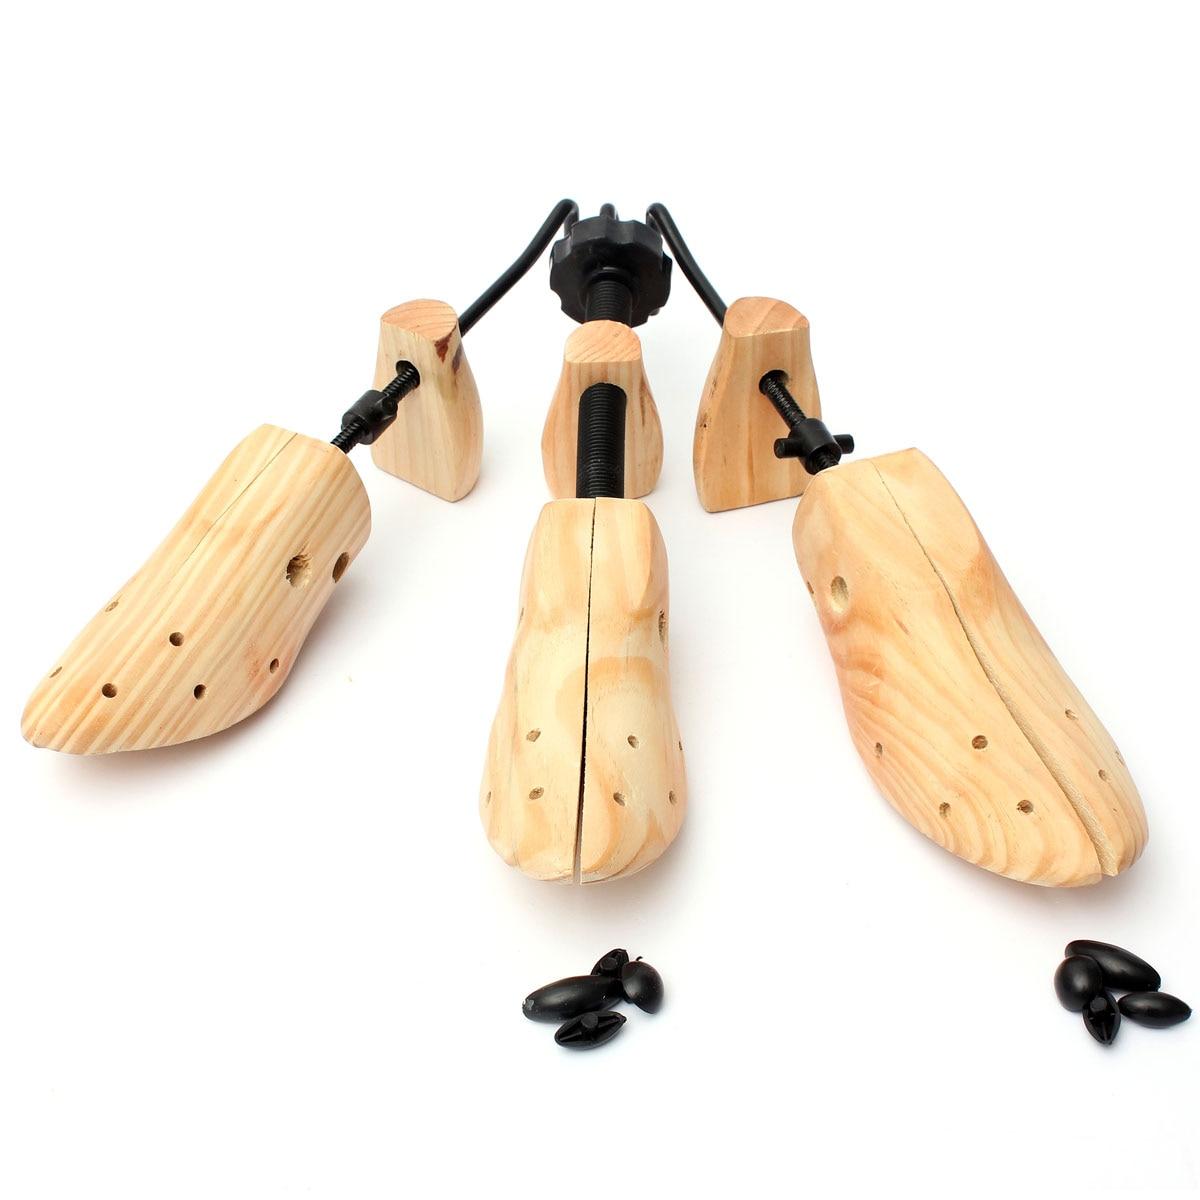 Прочные деревянные туфли для обуви, 1 шт., растяжка, деревянные регулируемые туфли-лодочки для мужчин и женщин, расширитель для обуви, размер...